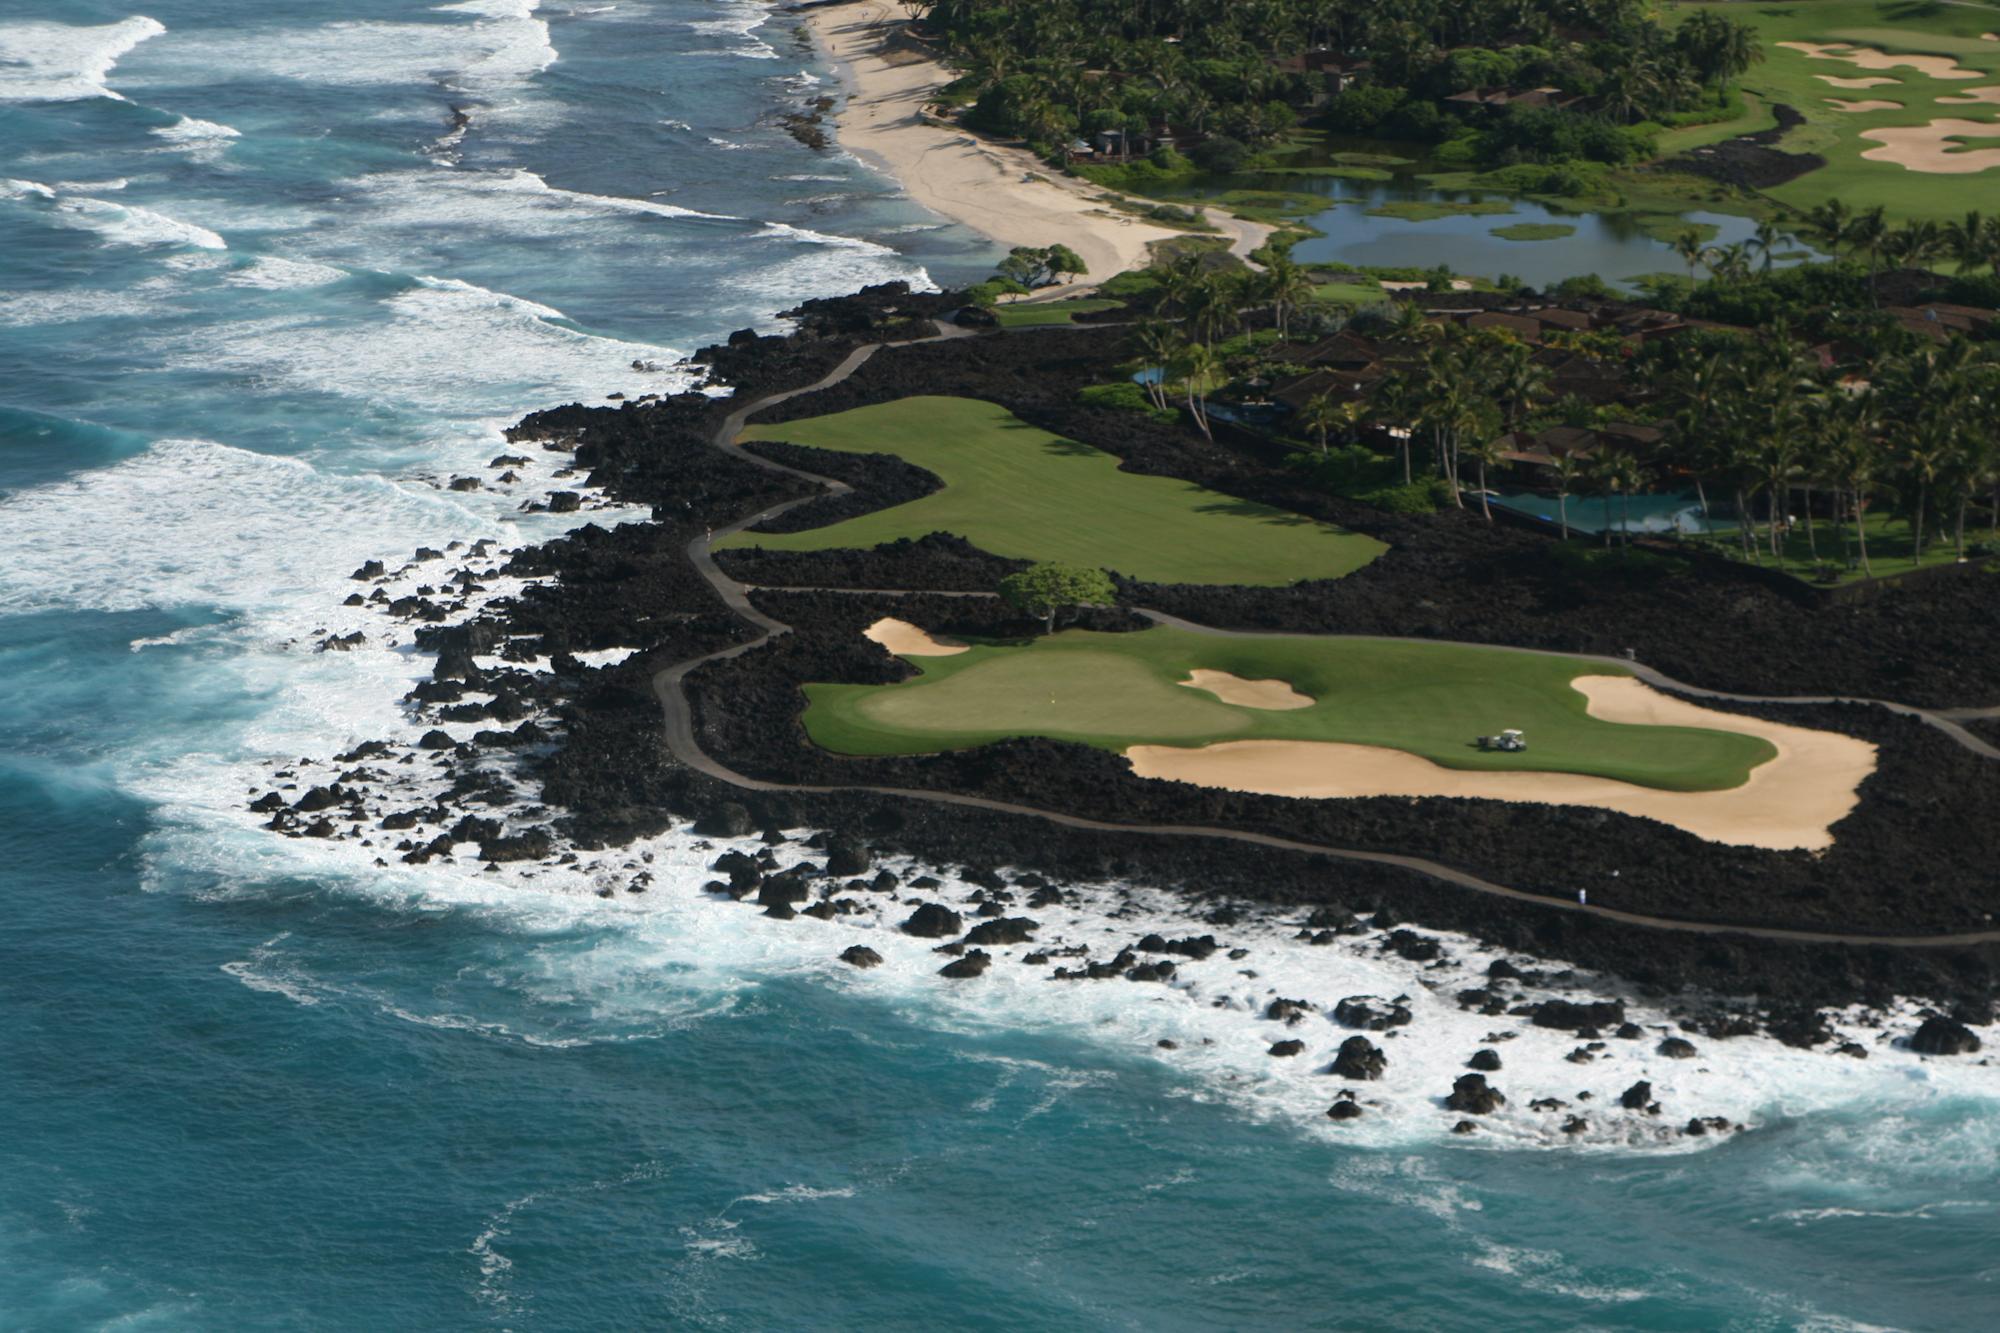 Golf_Island of Hawaii_05694.jpg